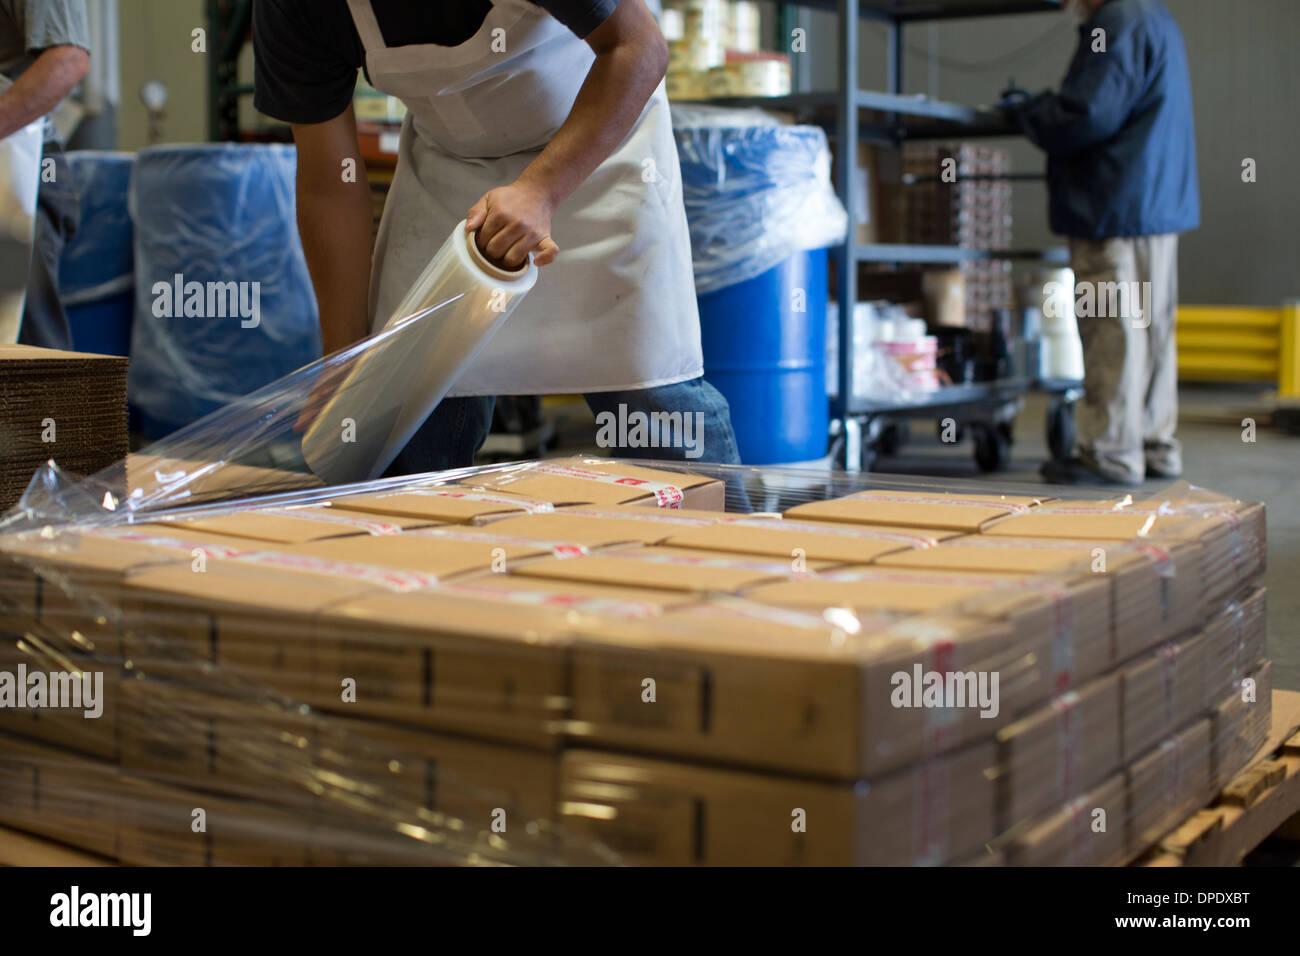 Travailleur de l'usine de boîtes de carton d'emballage avec Ziploc® Photo Stock